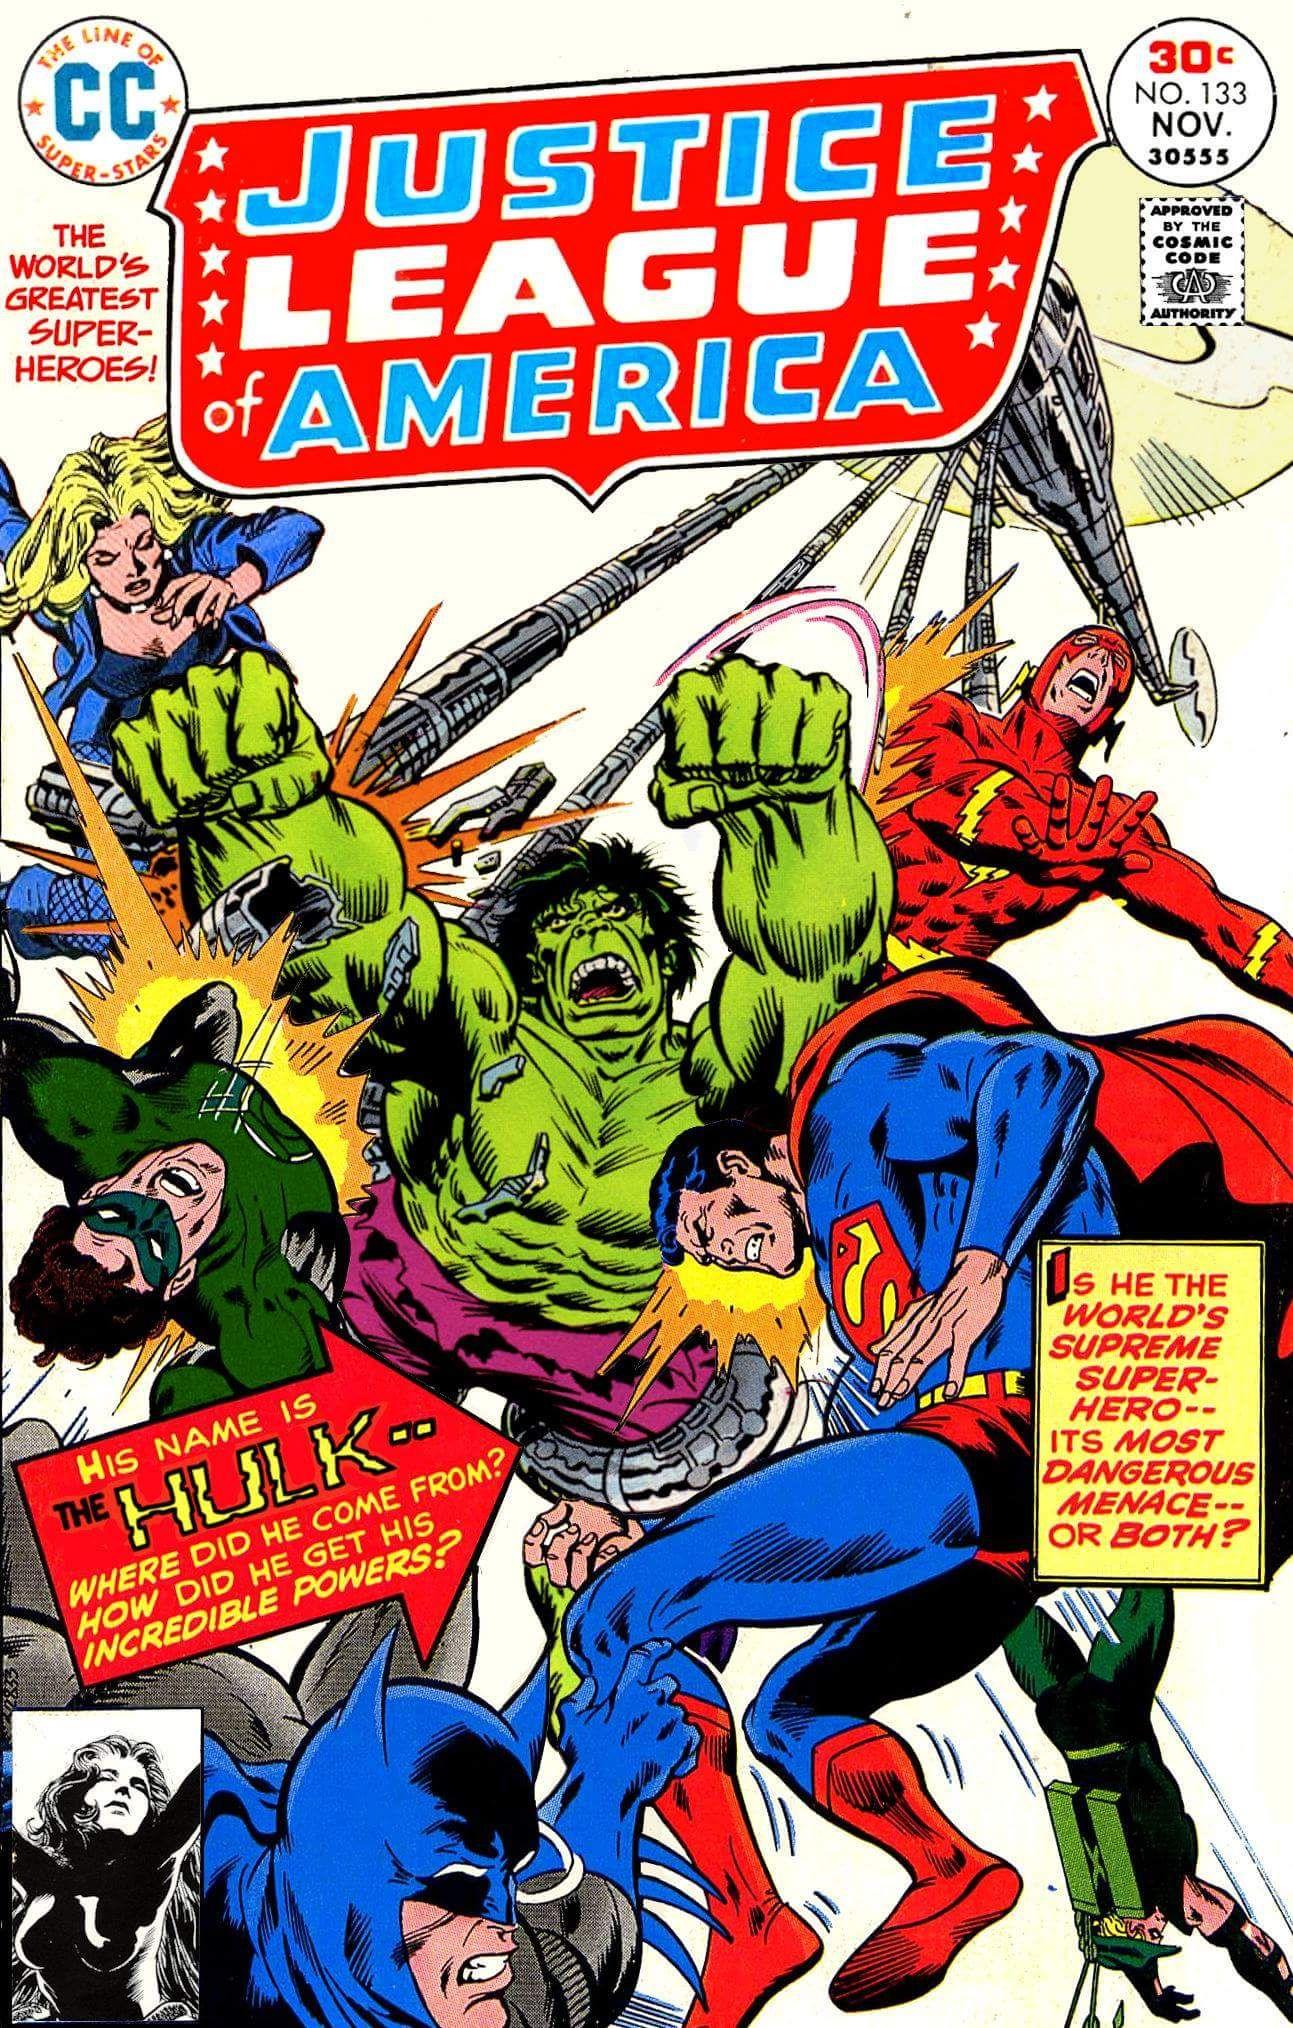 The Hulk Vs The Justice League Dc Comics Vs Marvel Comic Book Heroes Galaxy Comics